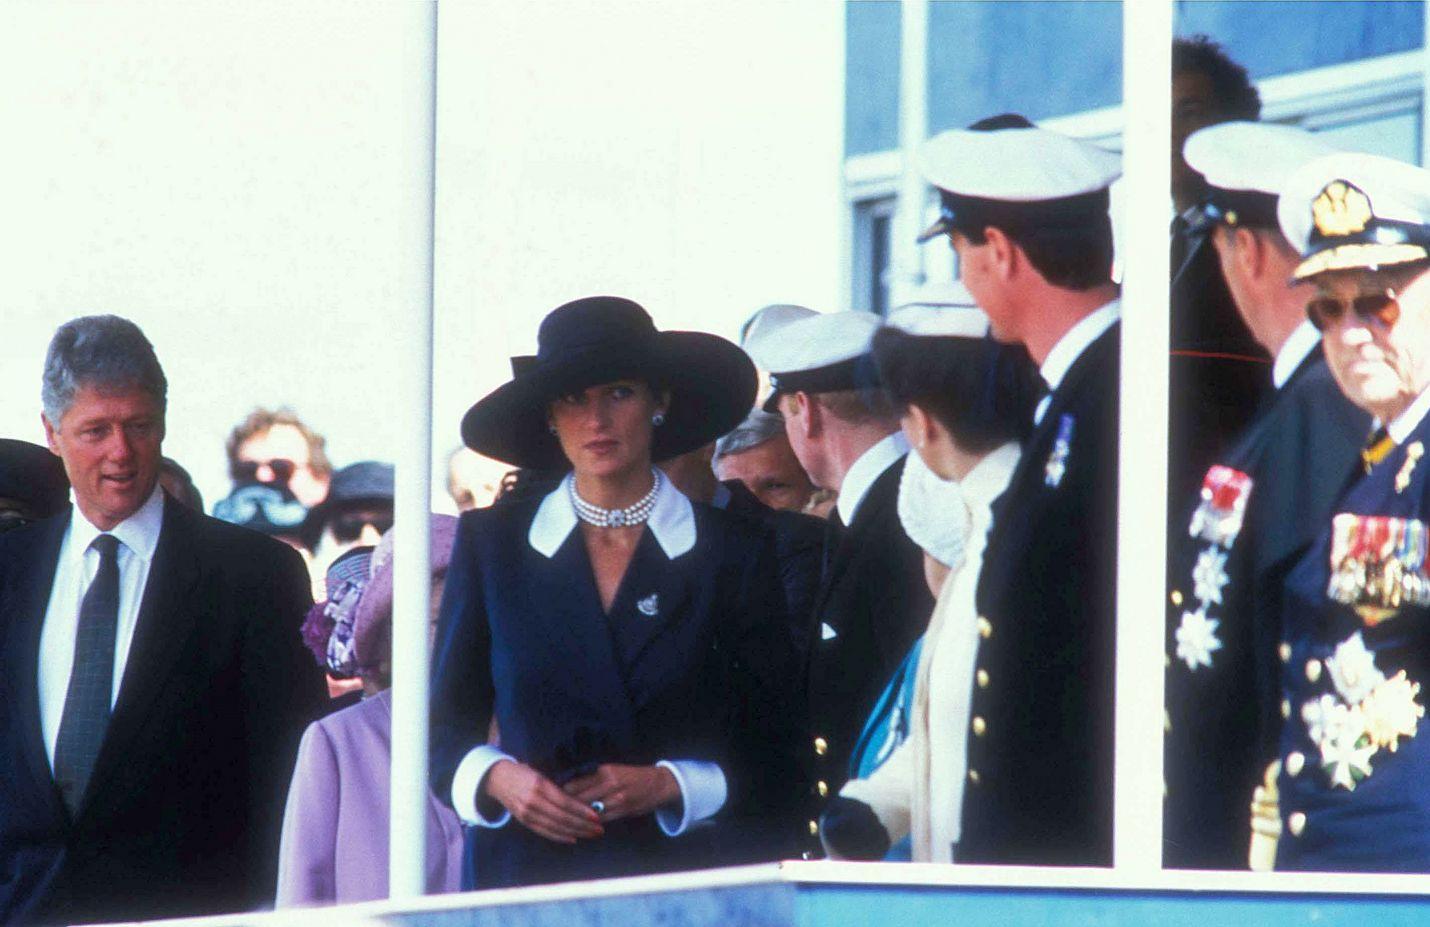 Prinsessa Diana oli tyyli-ikoni ja monien ihailema edustusnainen. Tässä hän on presidentti Bill Clintonin seurassa.